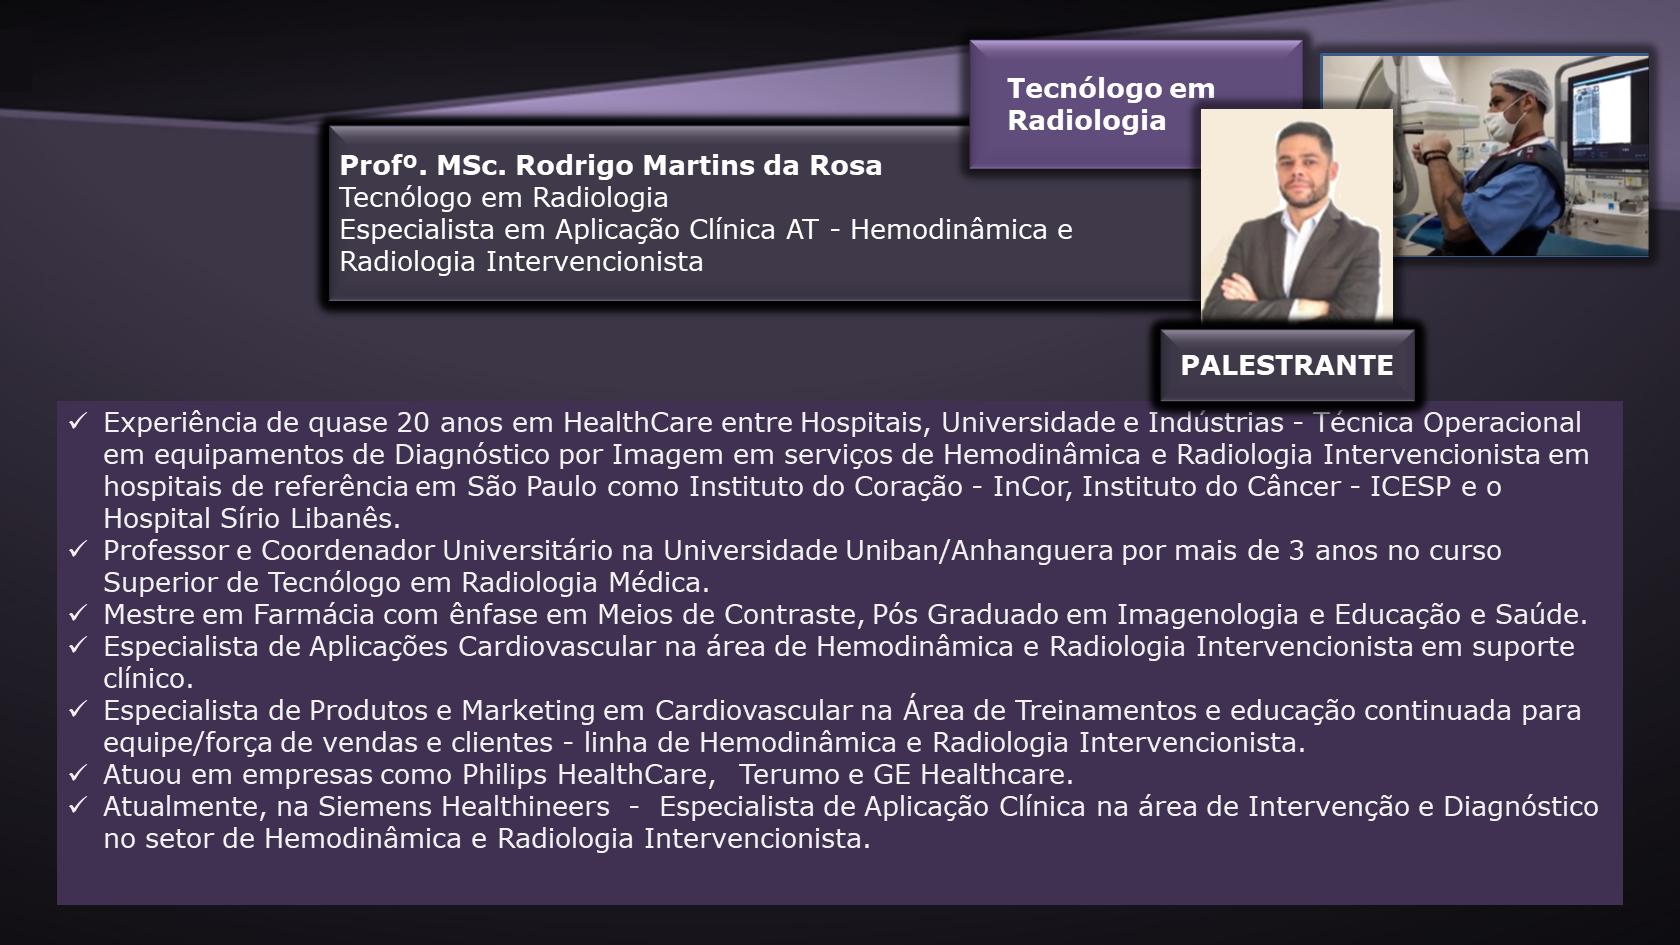 1 DR. Rodrigo martins da rosa